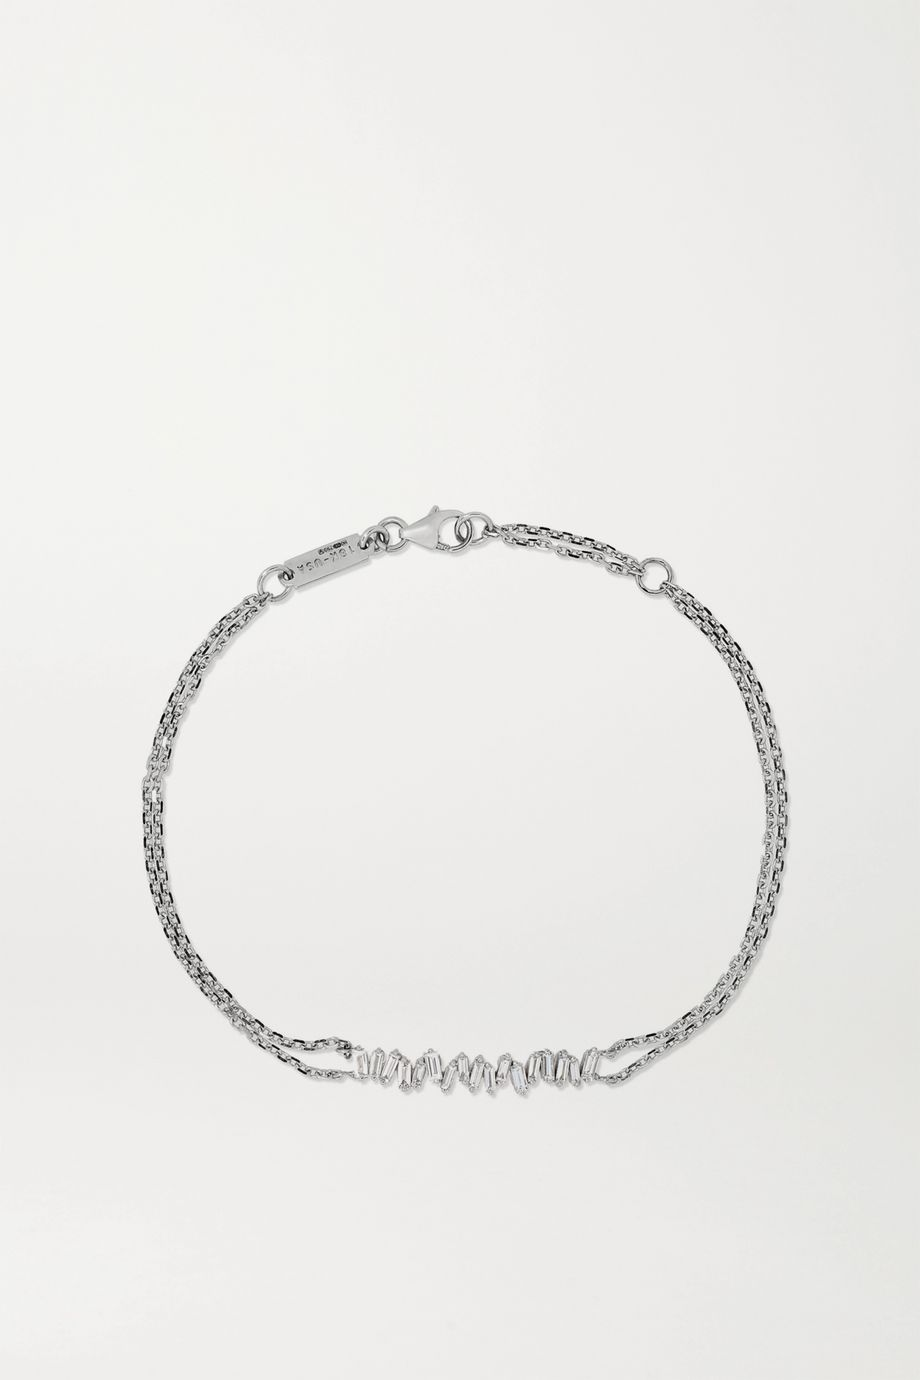 Suzanne Kalan Bracelet en or blanc 18carats et diamants